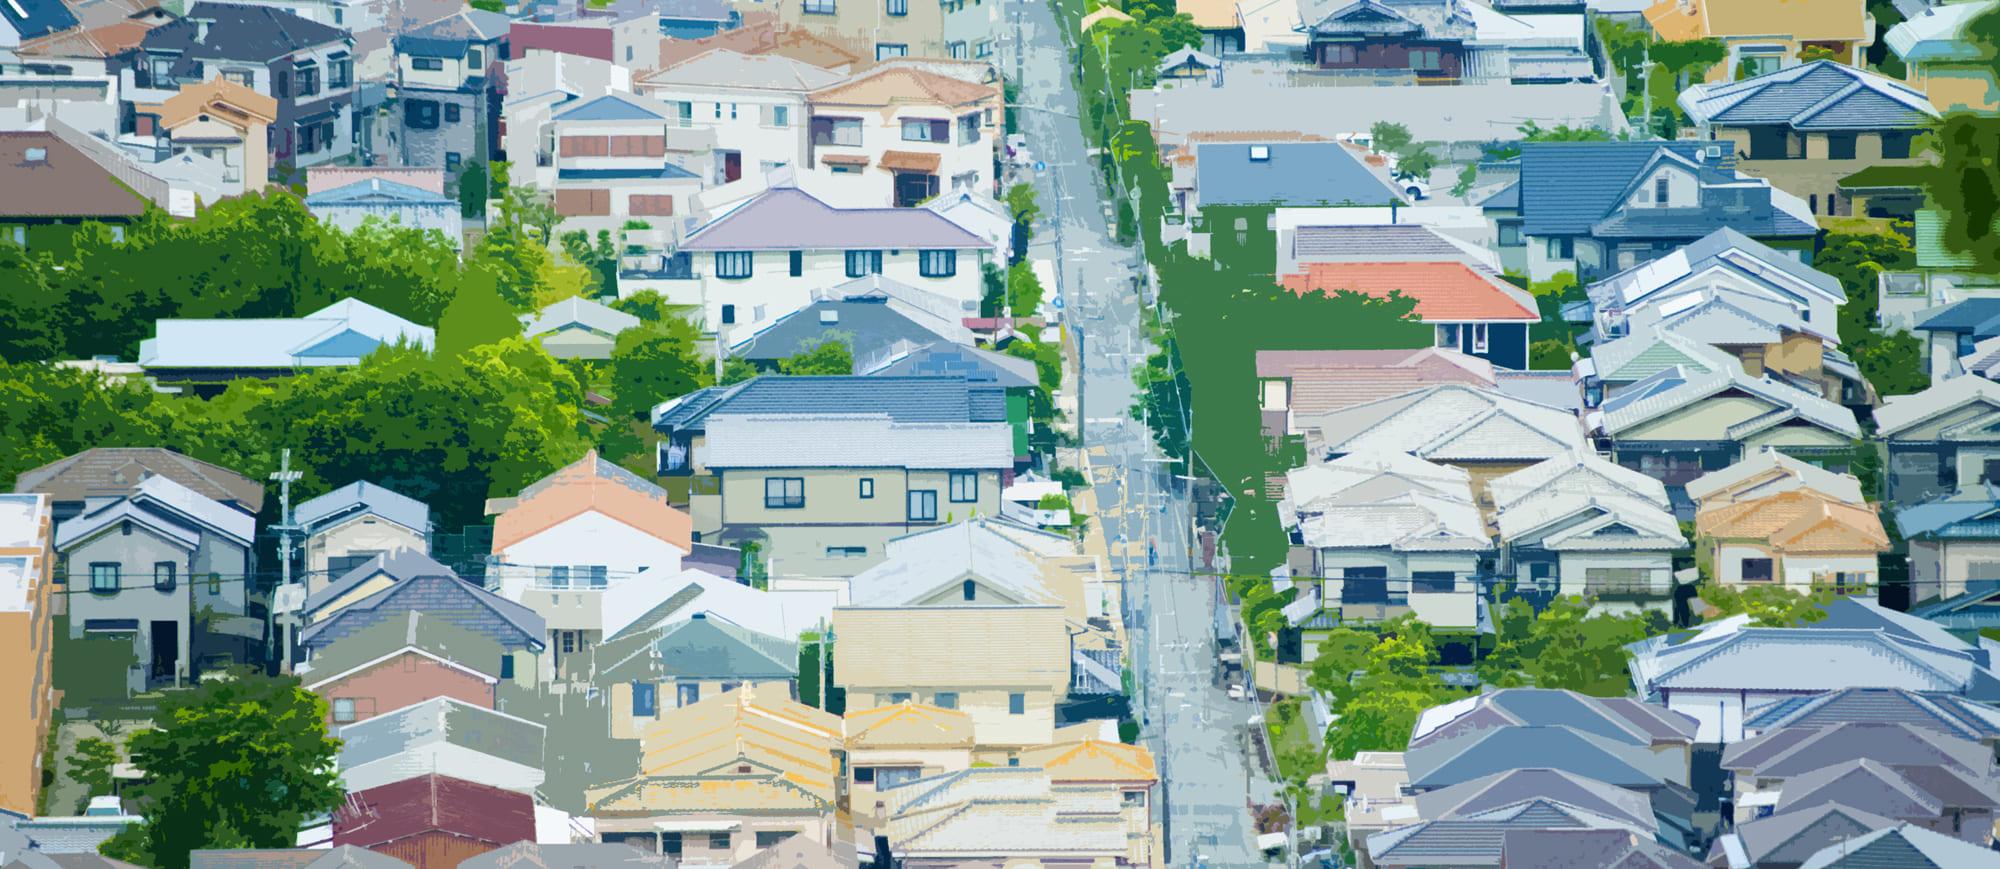 山口市平川分譲物件、一万人に好かれるより、あなたに好かれたい分譲地